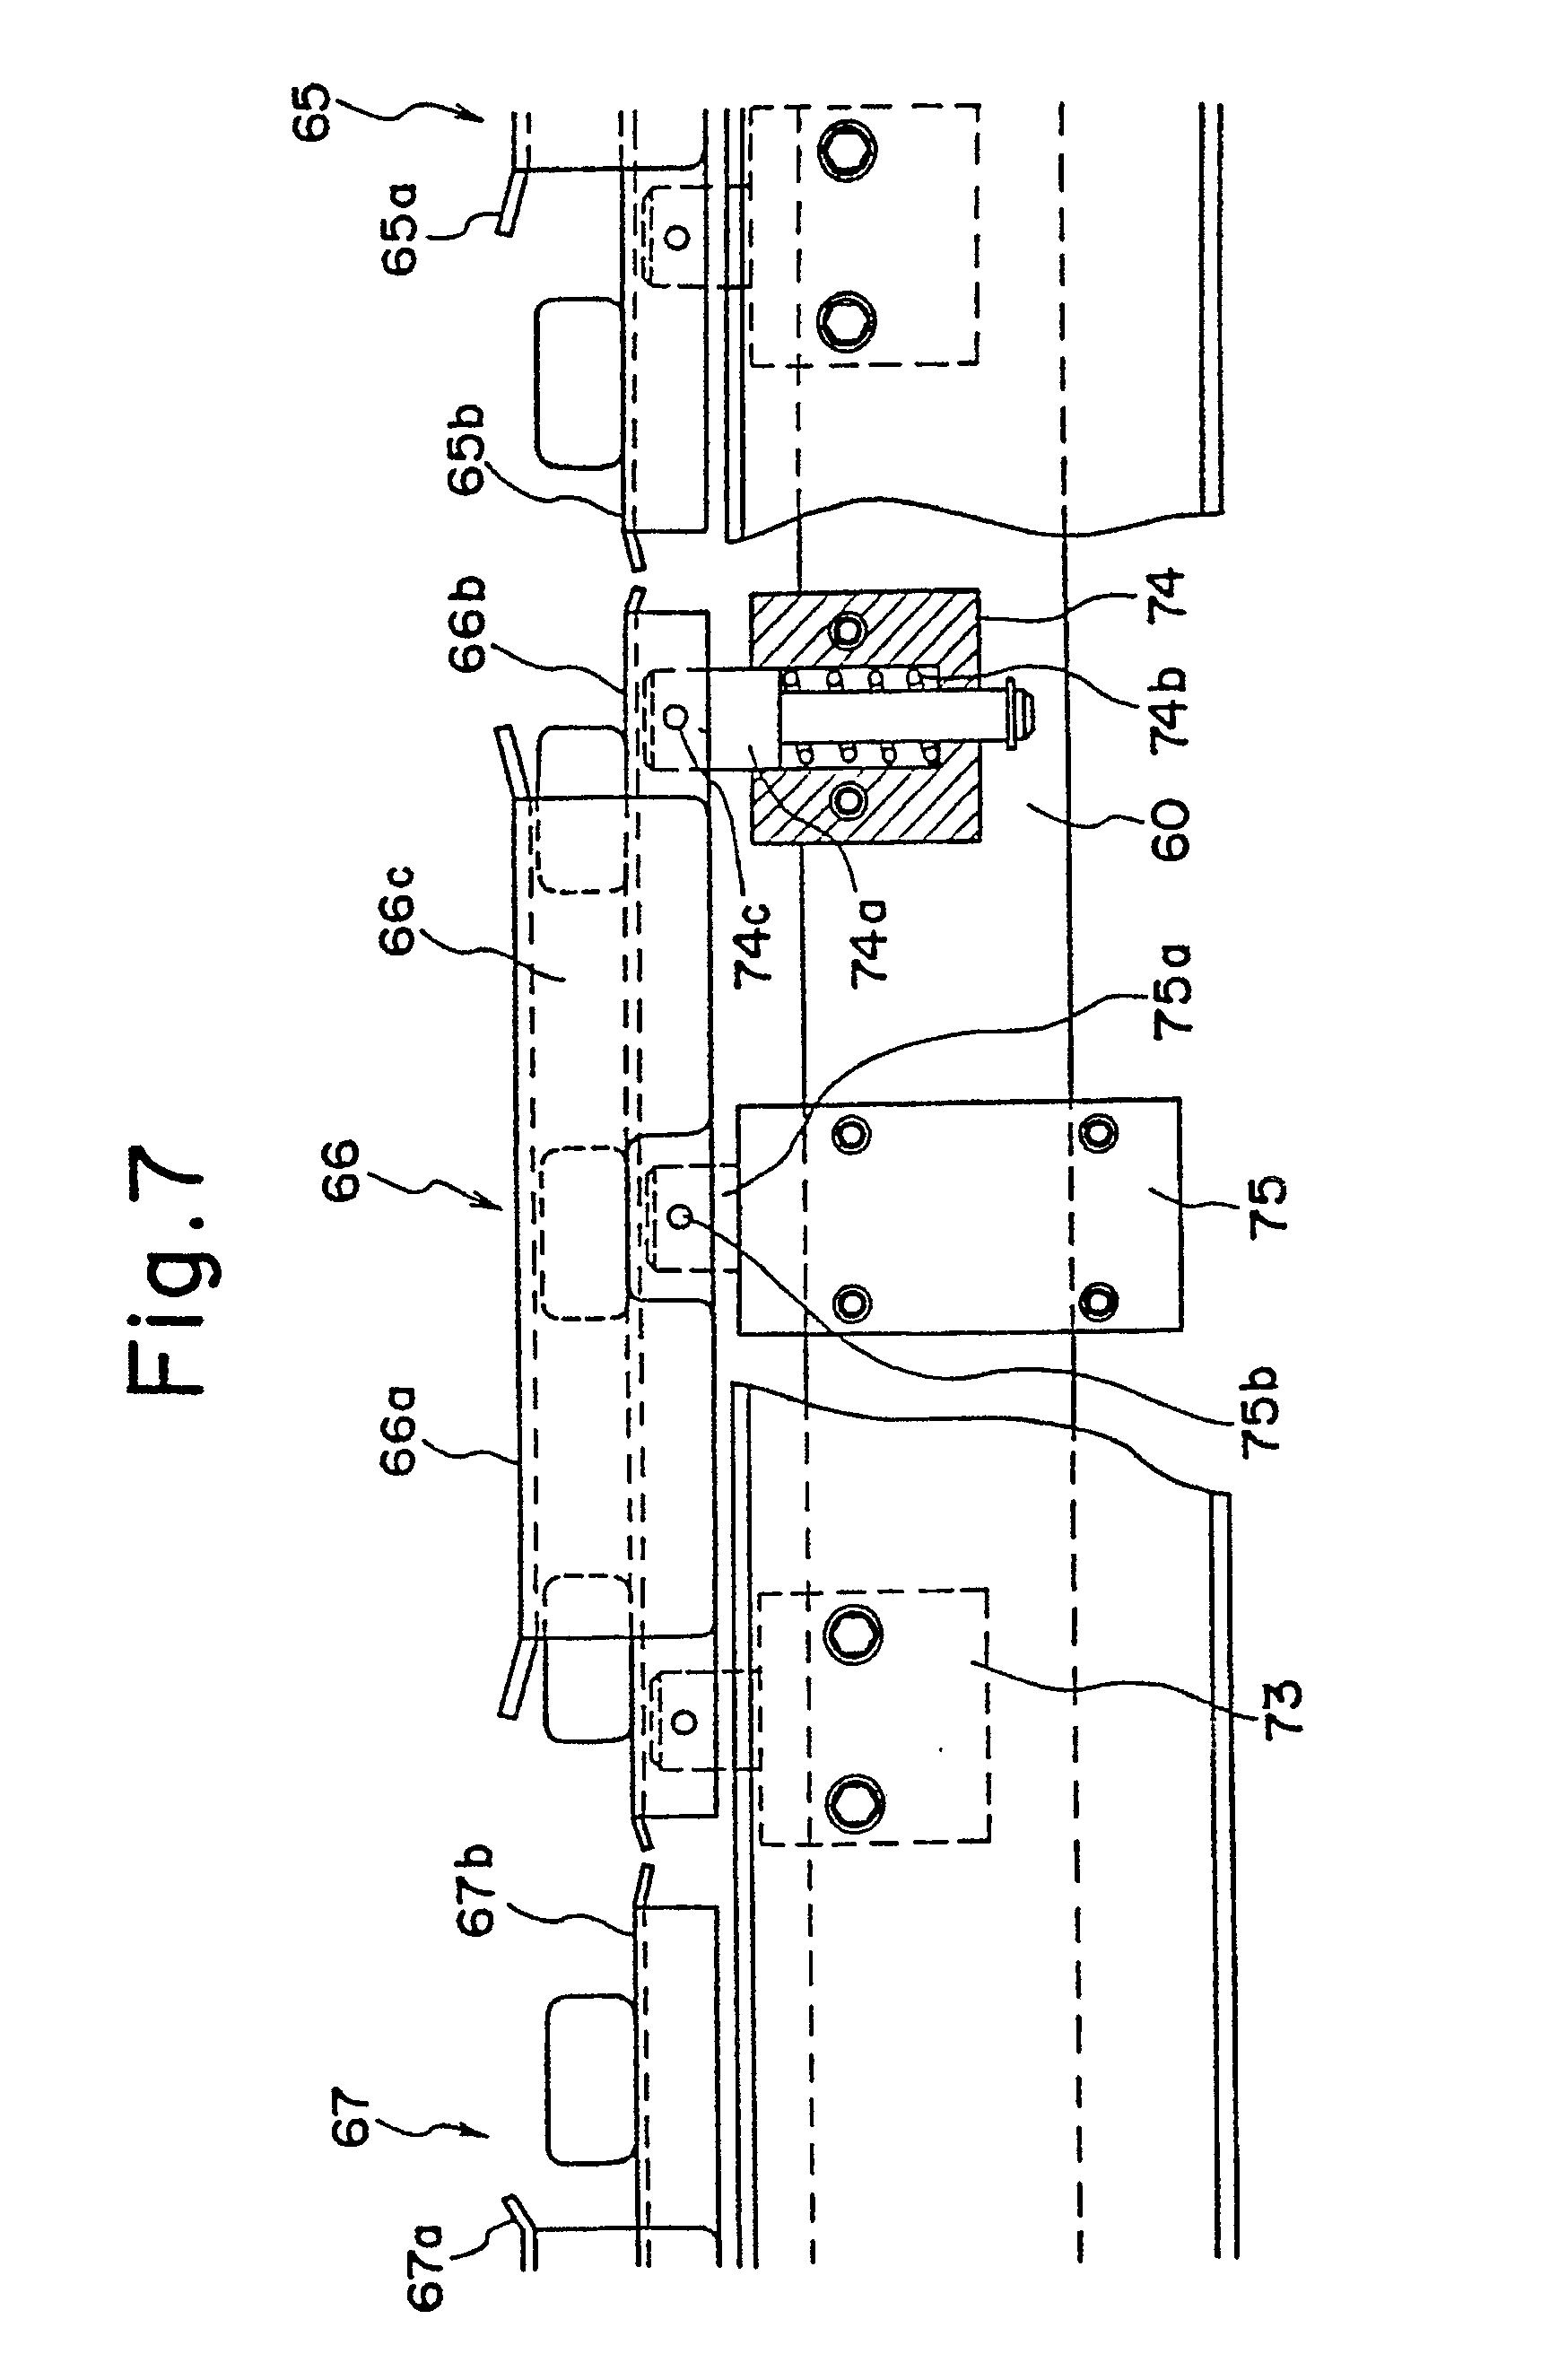 专利ep0174161b1 - wrapping machine - google 专利